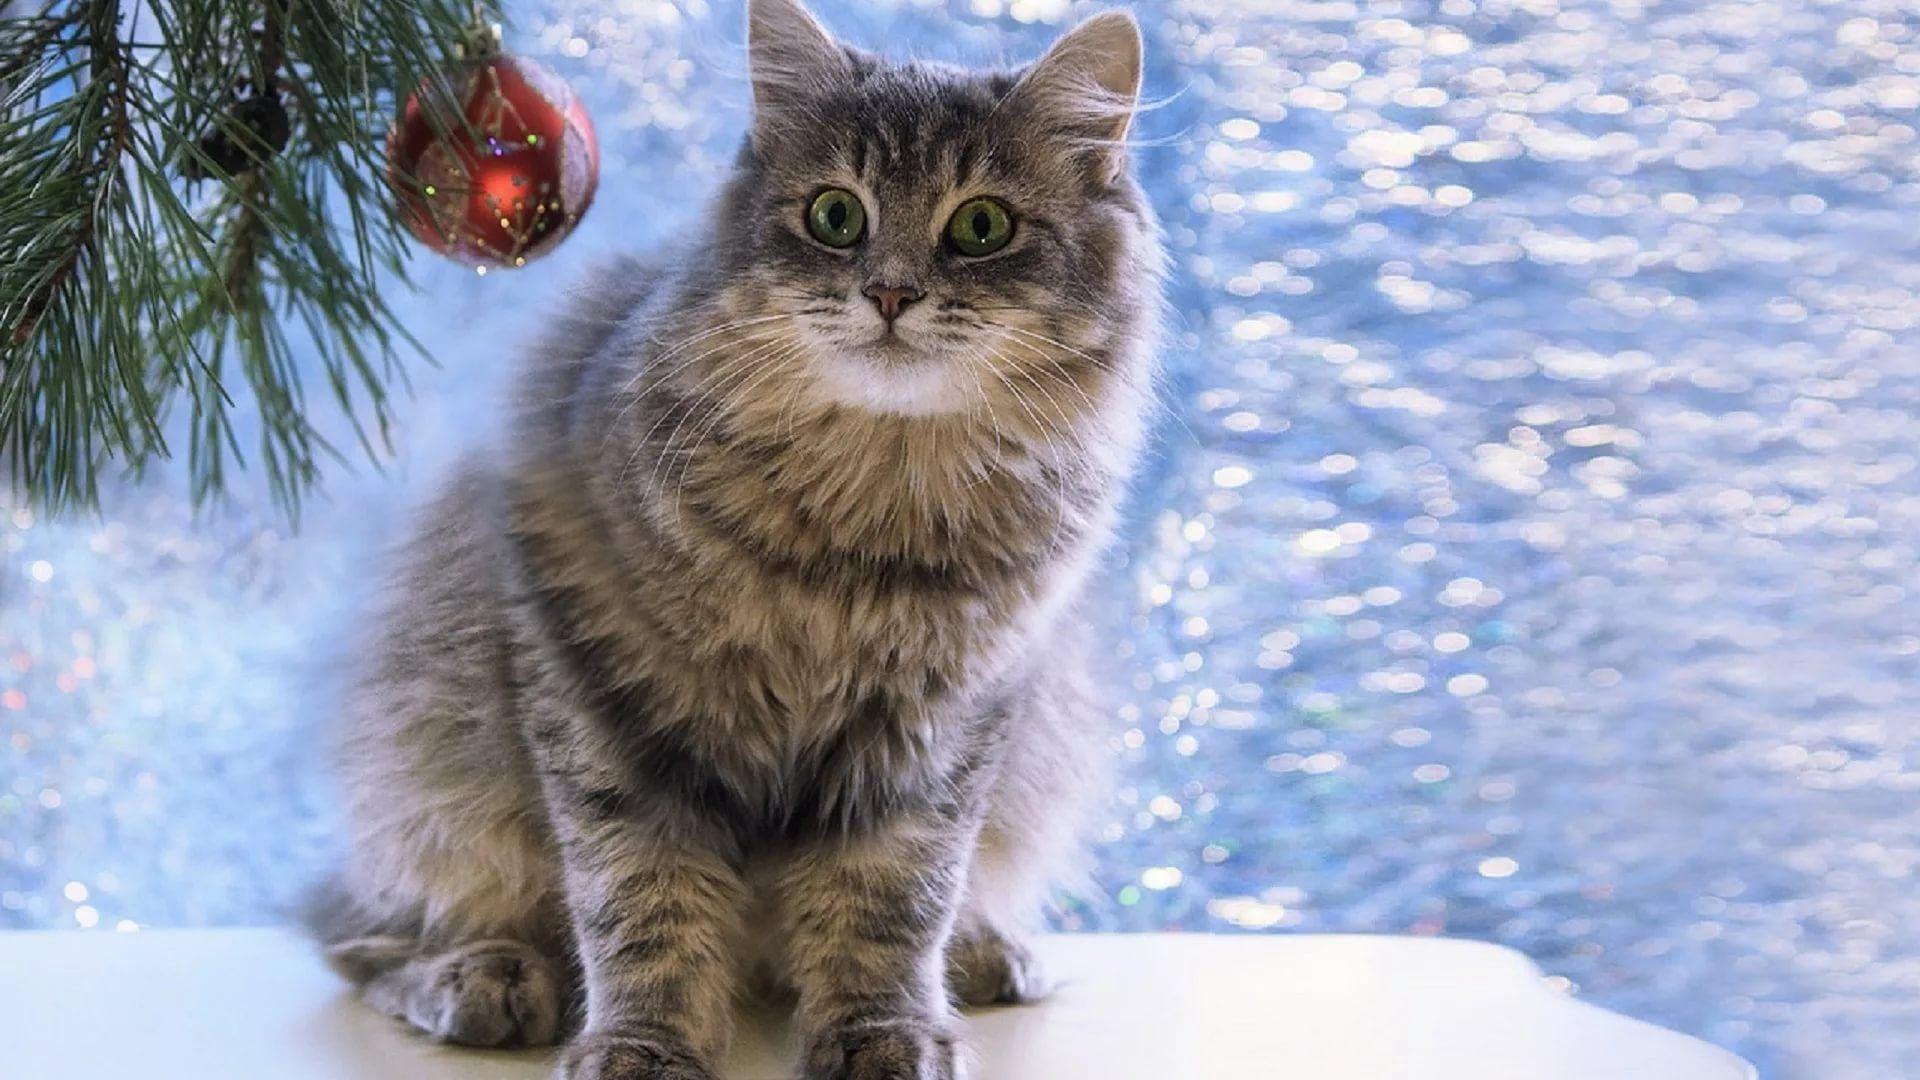 Christmas Cat full hd wallpaper for laptop